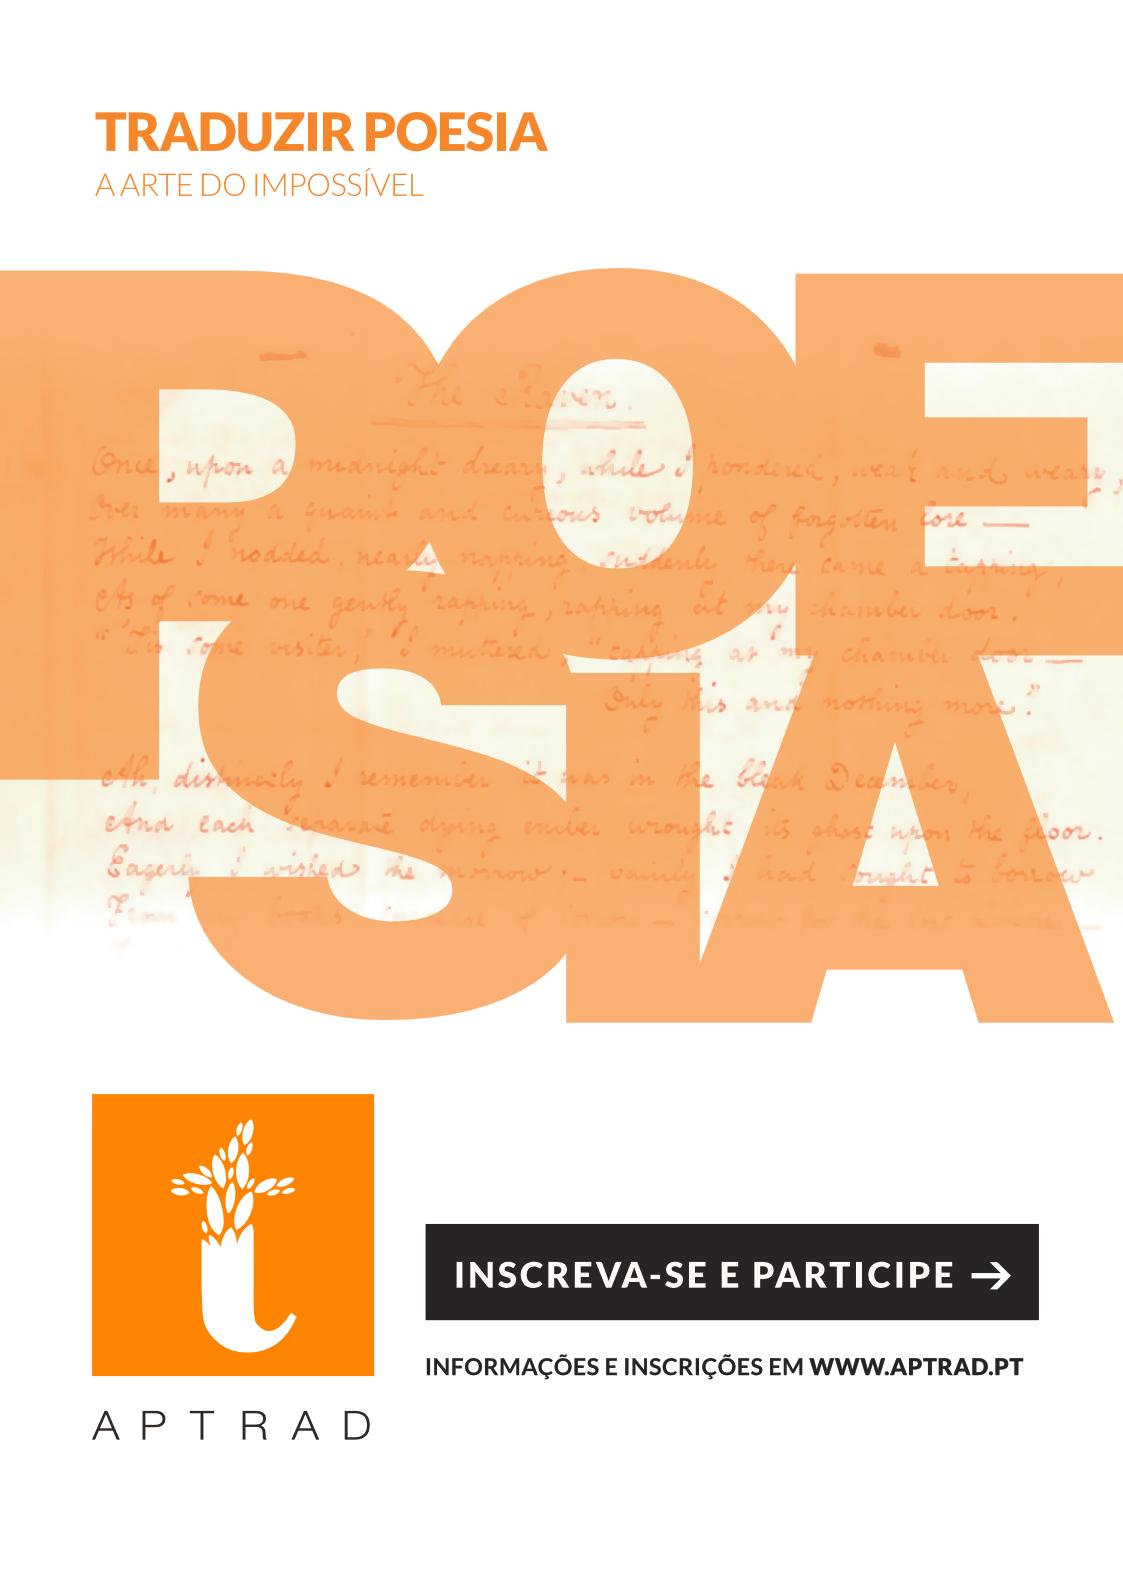 Traduzir poesia: a arte do impossível